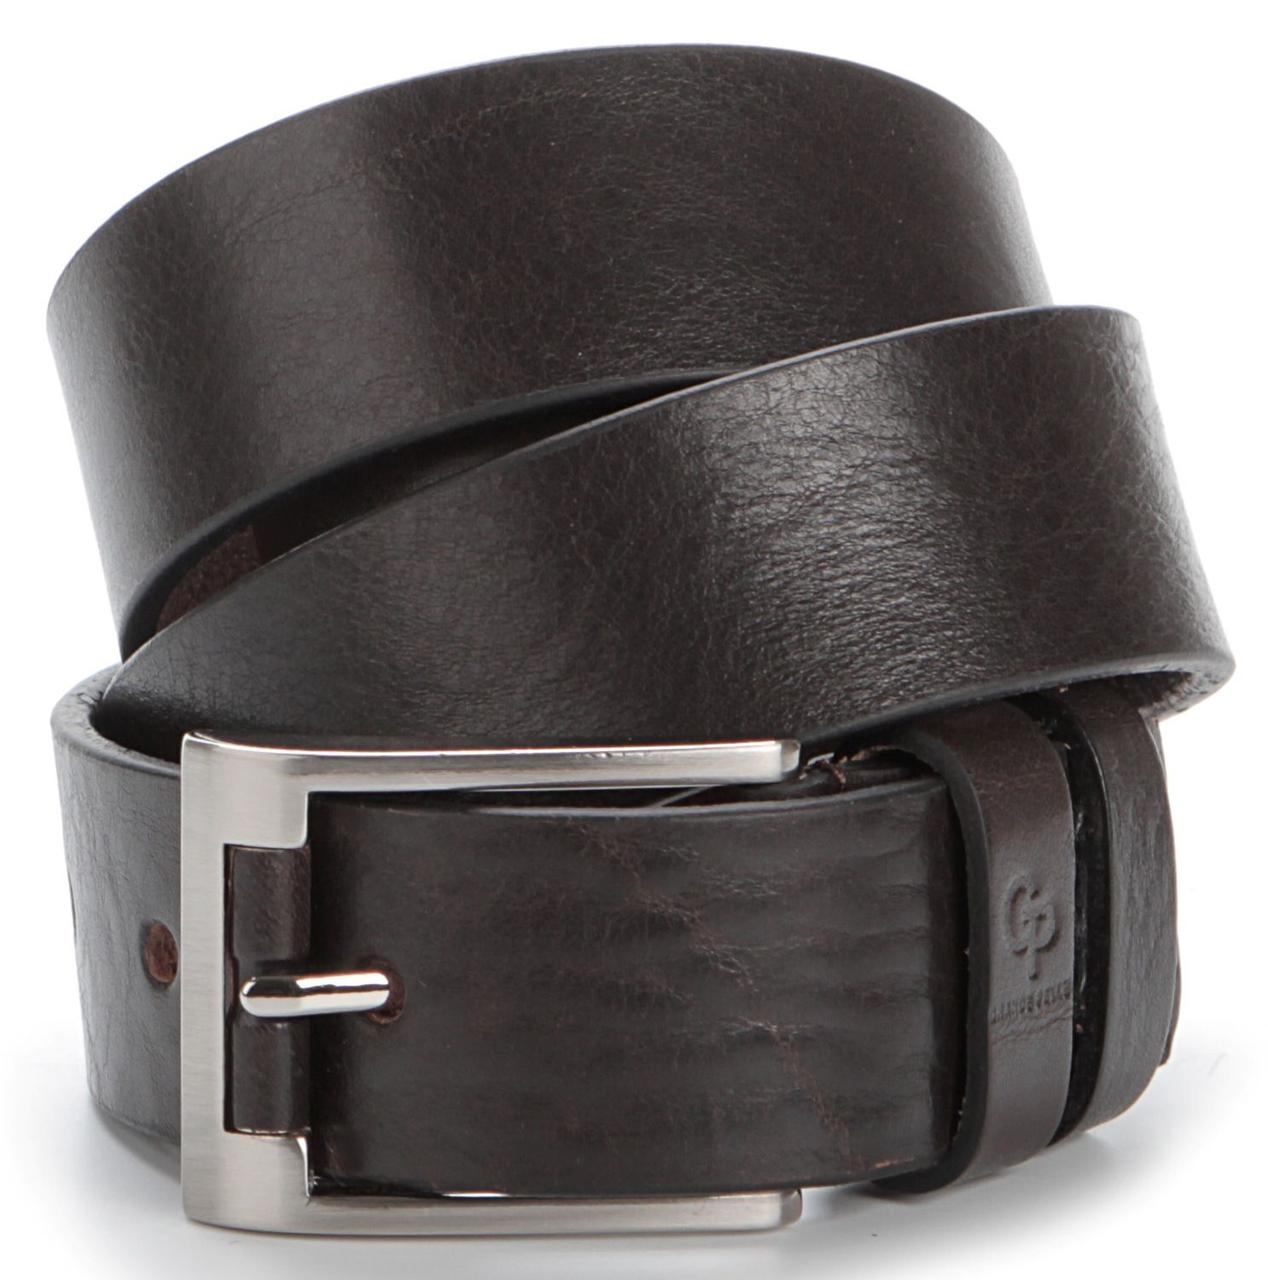 Мужской элитный кожаный ремень GRANDE PELLE 00776 Коричневый, Коричневый